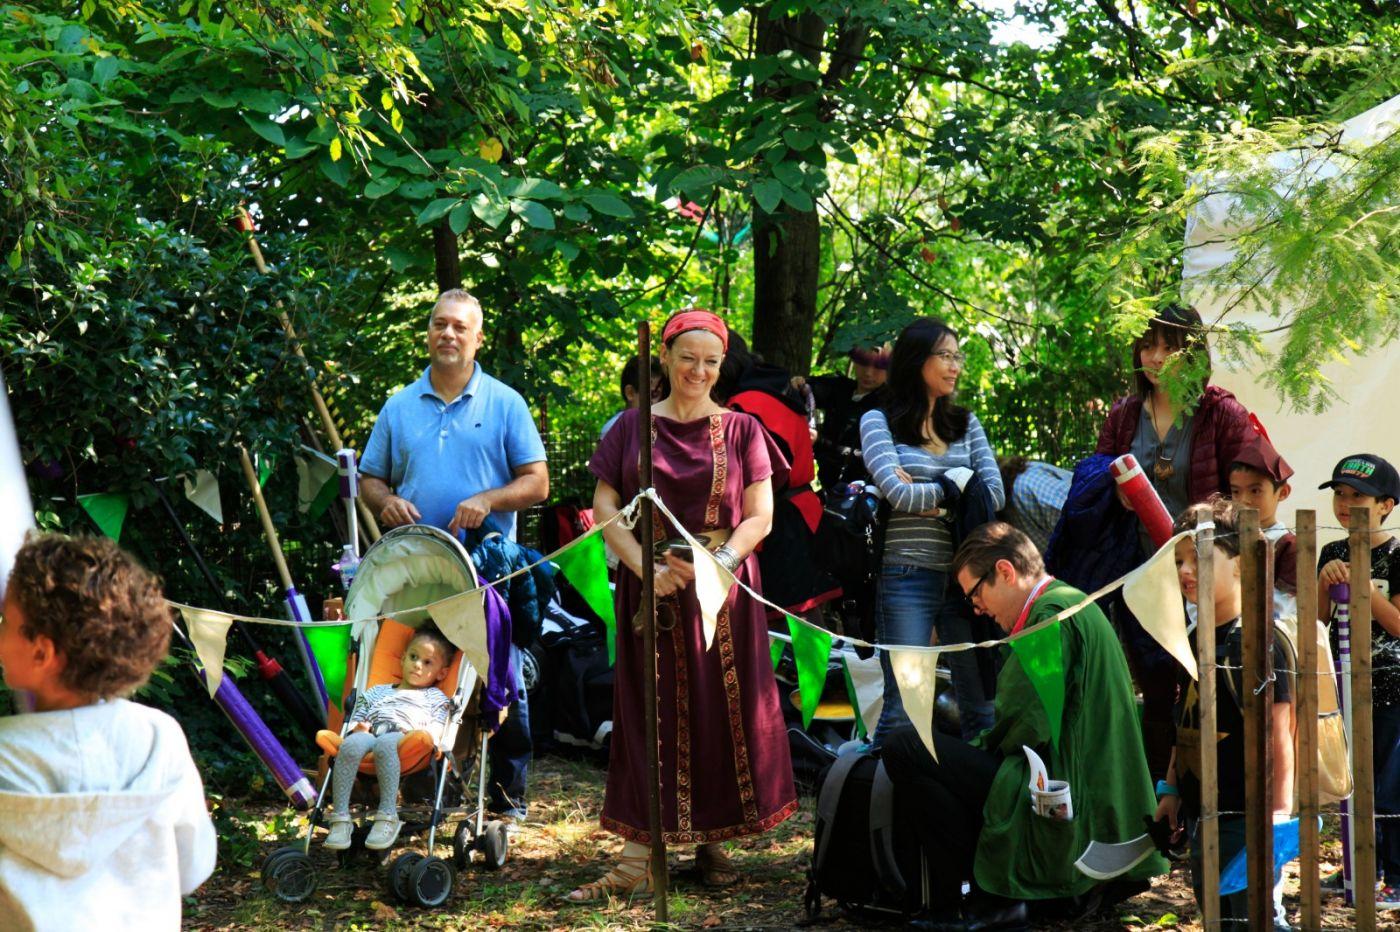 一年一度的崔恩堡公园中世纪节热闹非凡_图1-26